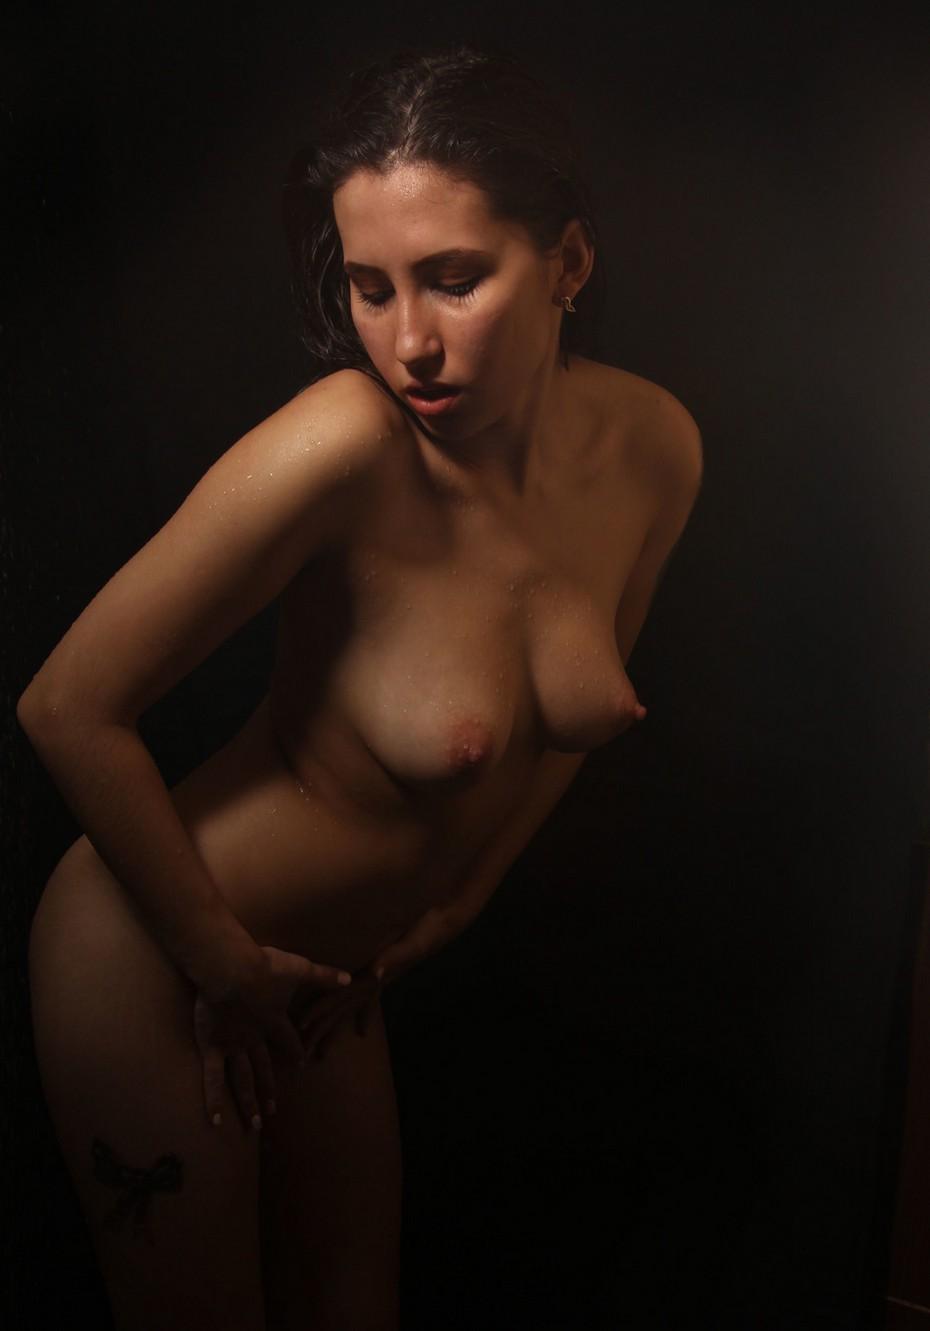 Фотограф vladimir_v: снимет в стиле «Ню»